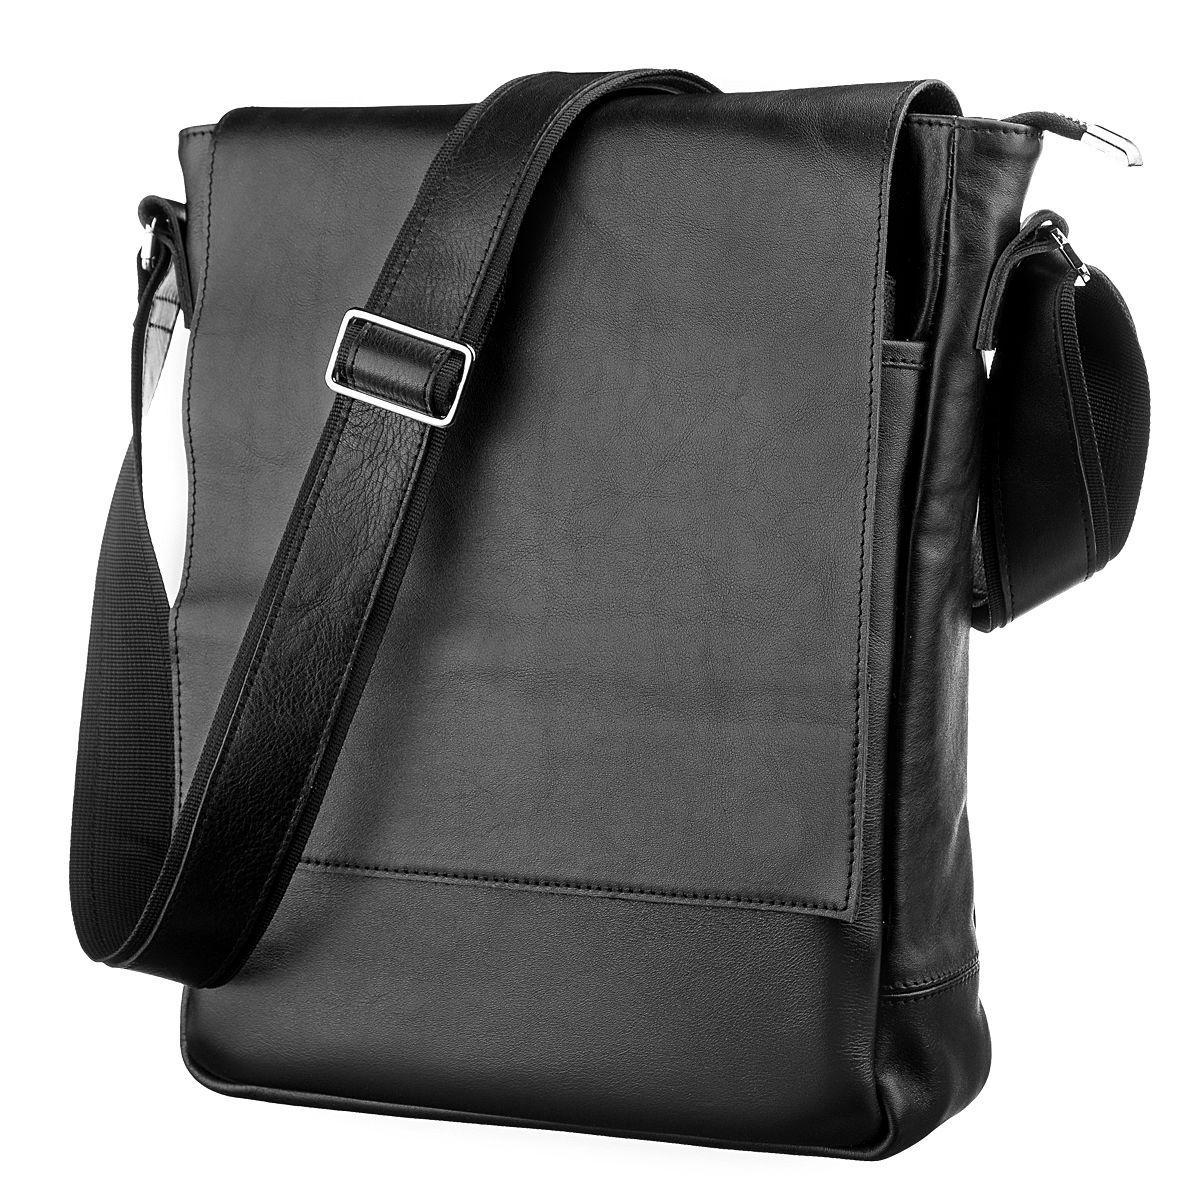 97516b9cdfa5 Мужская черная кожаная сумка через плечо SHVIGEL 11079 - Цена ...